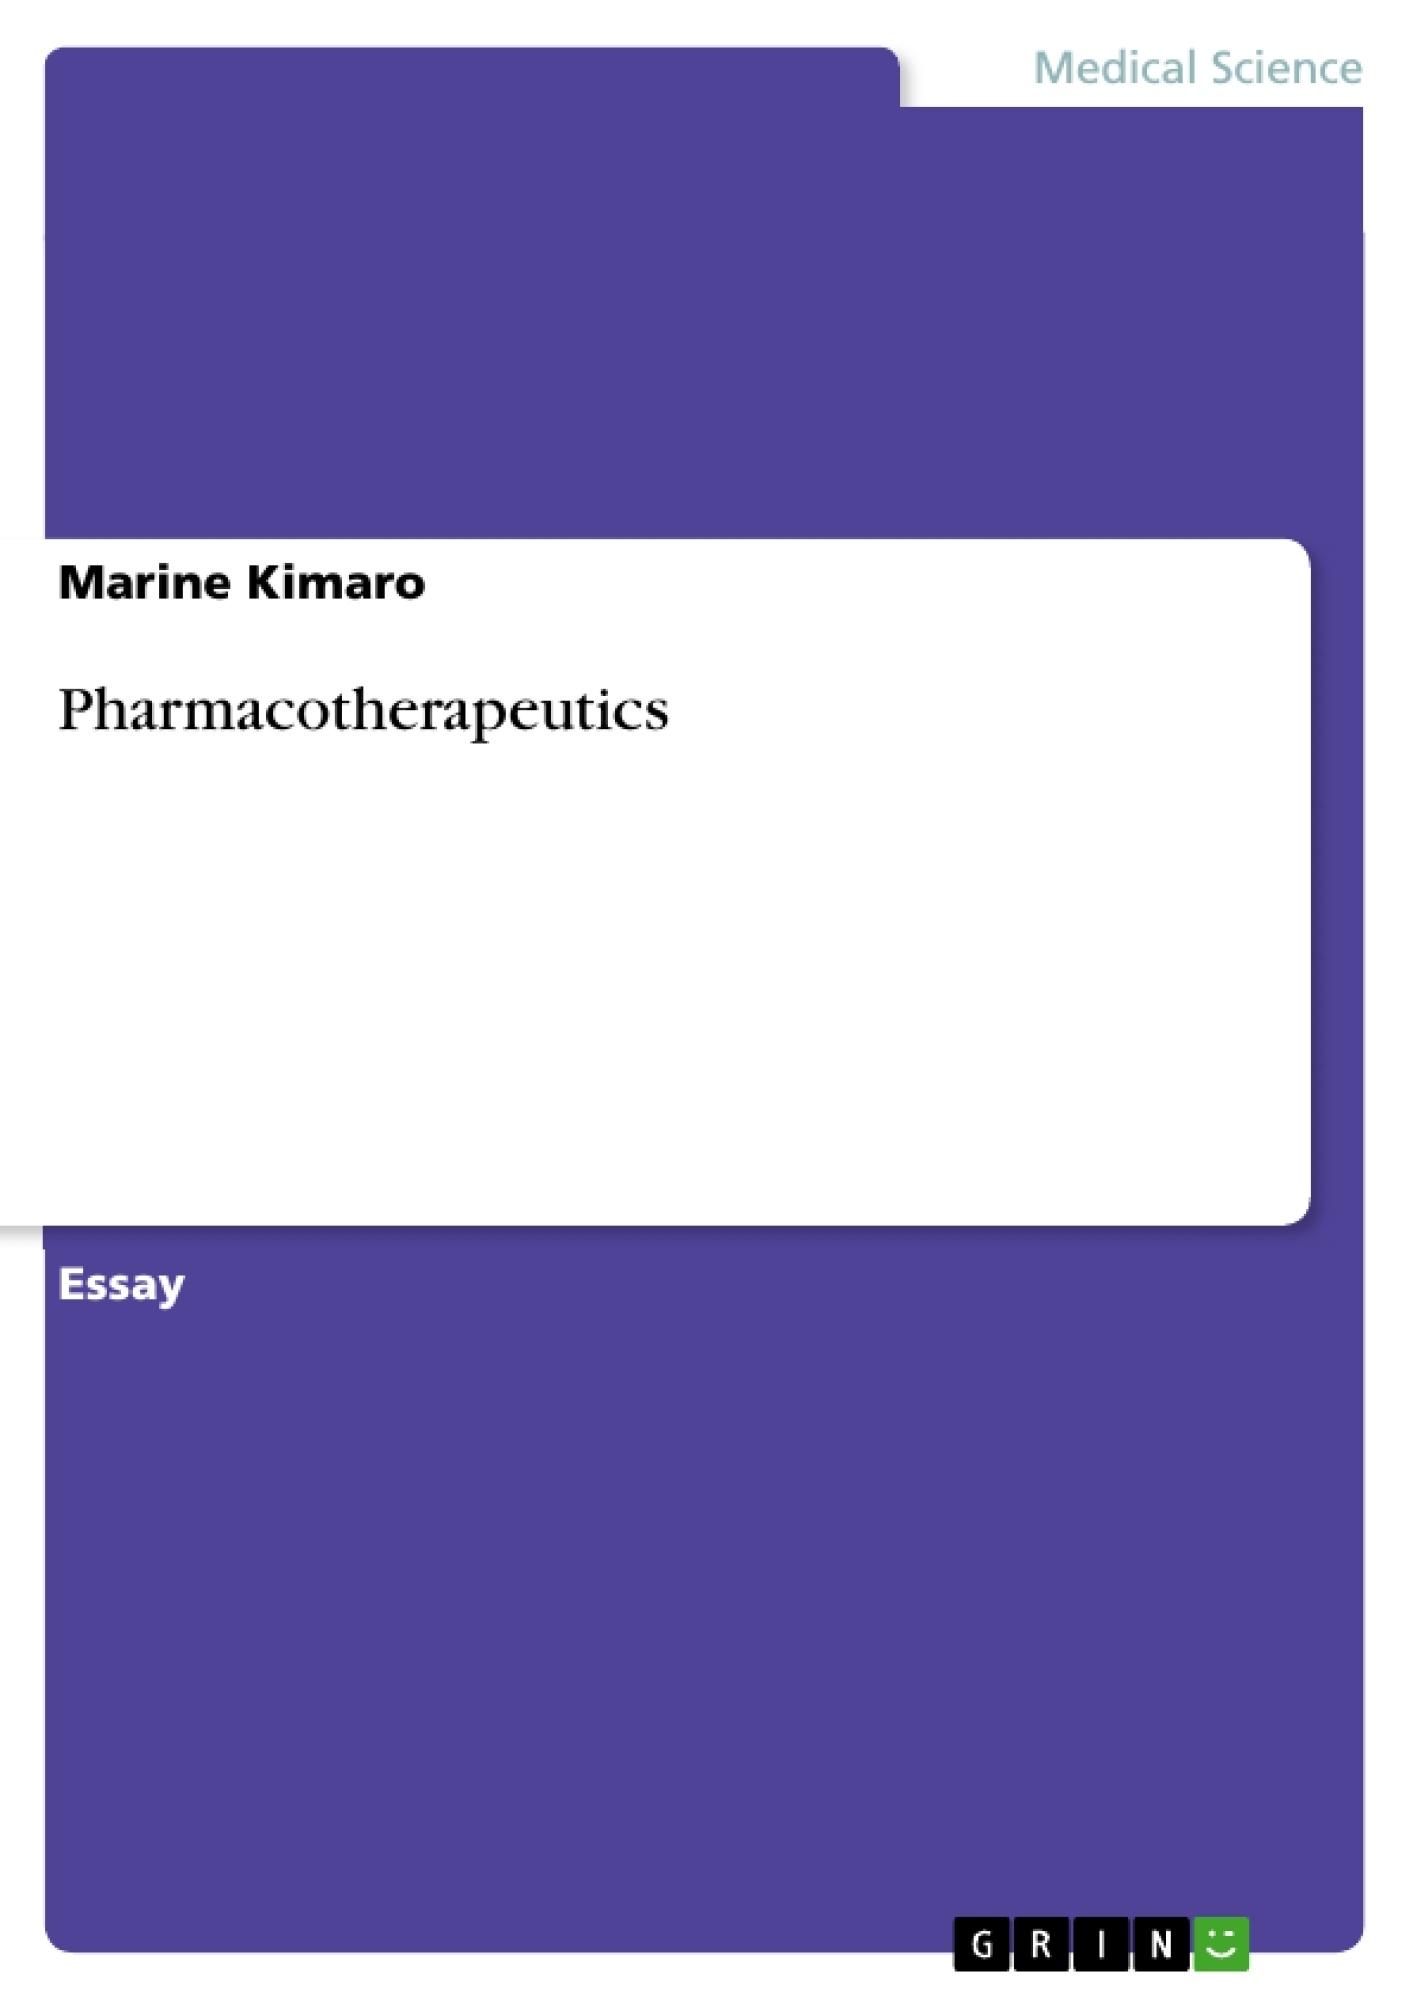 Title: Pharmacotherapeutics